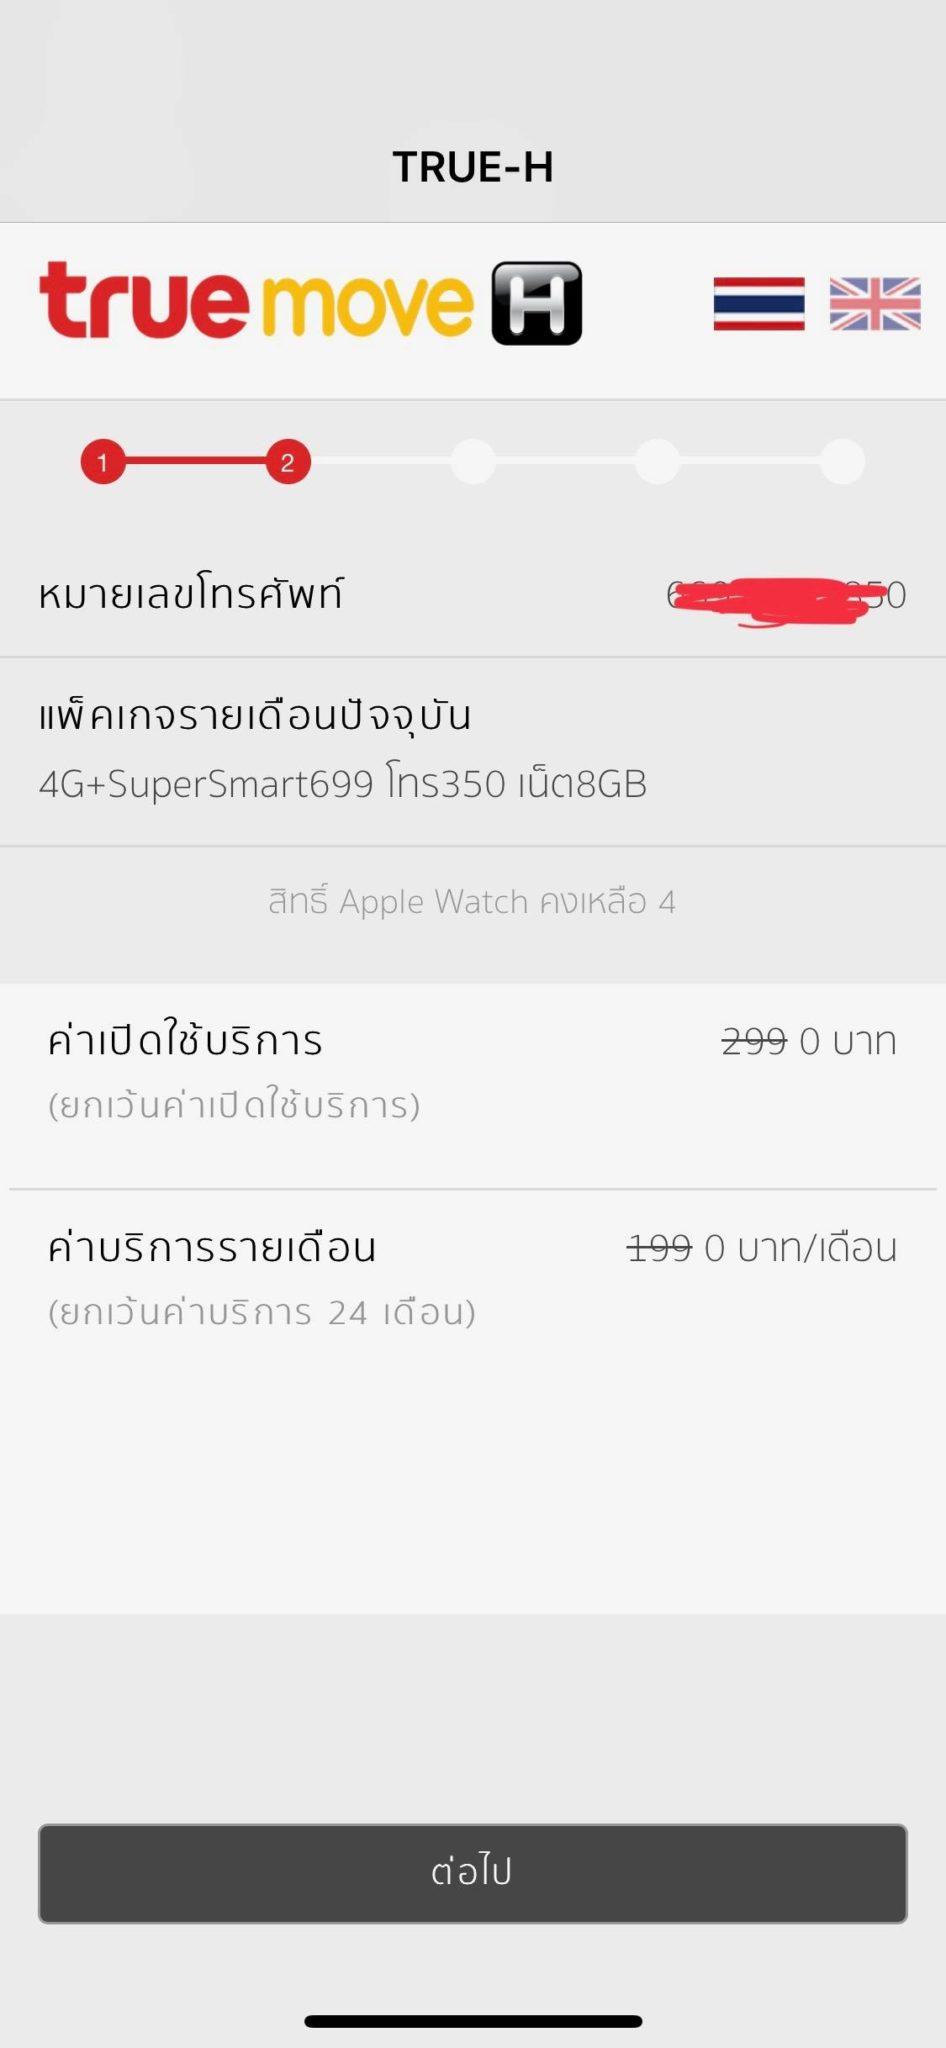 รีวิว Apple Watch LTE นาฬิกาแอปเปิ้ลใหม่ใส่ซิม โทรได้แม้ไร้ iPhone 5 - Smart Home